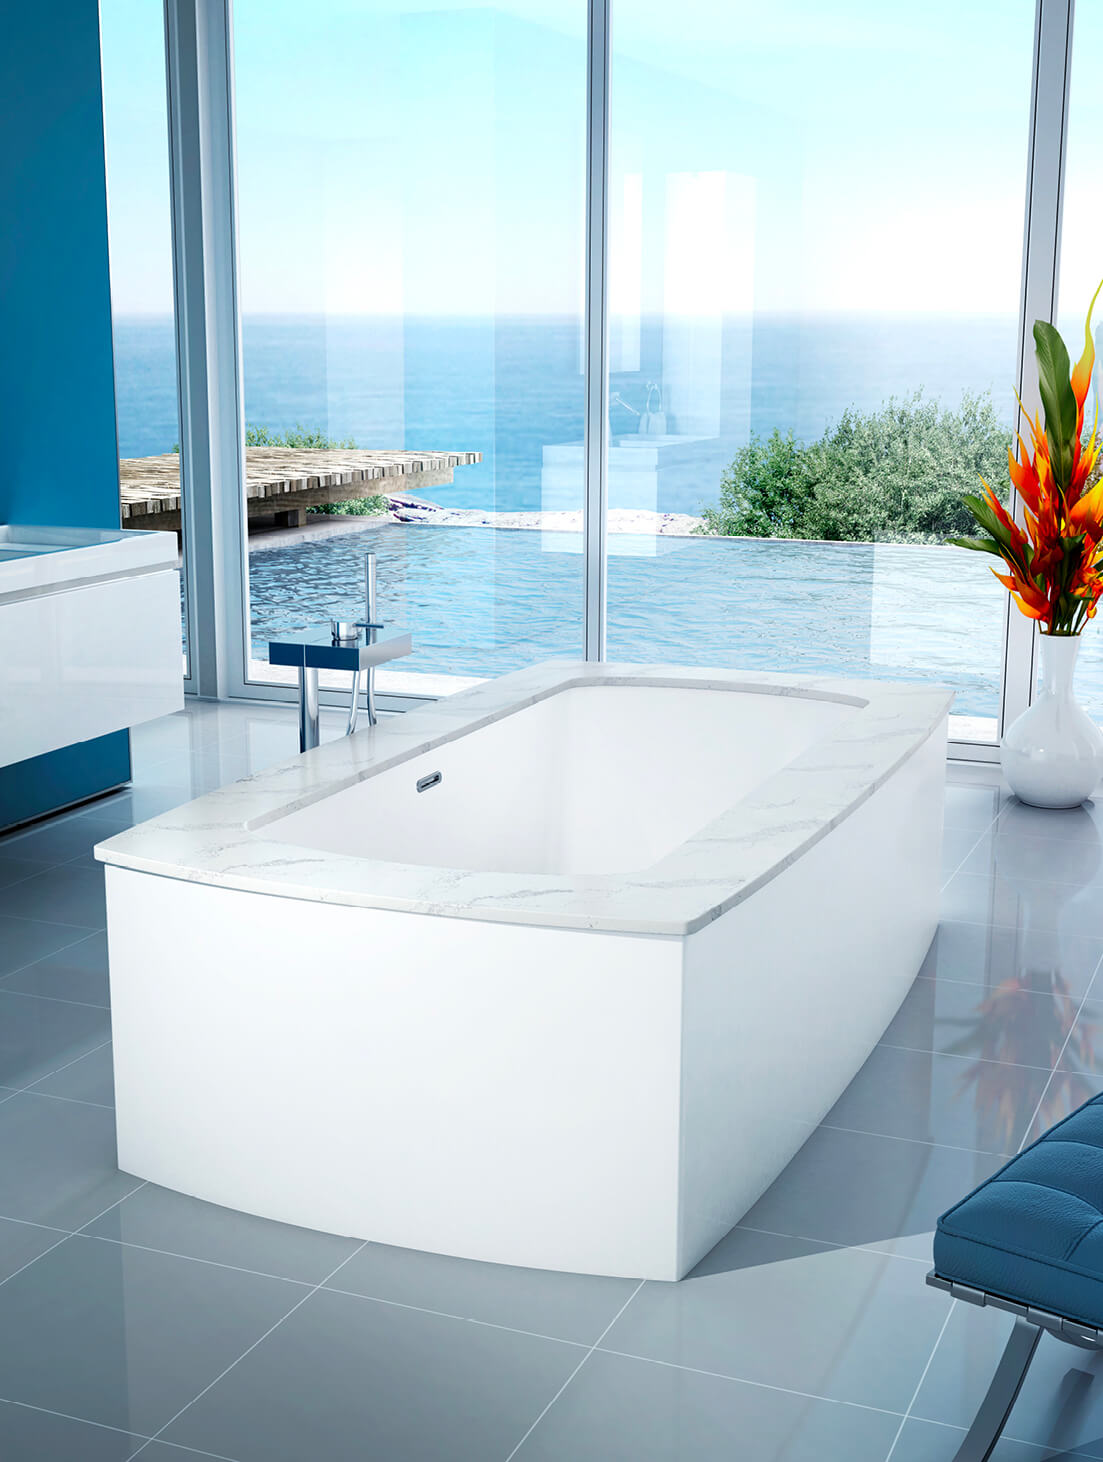 Monarch – Sumptuously designed baths